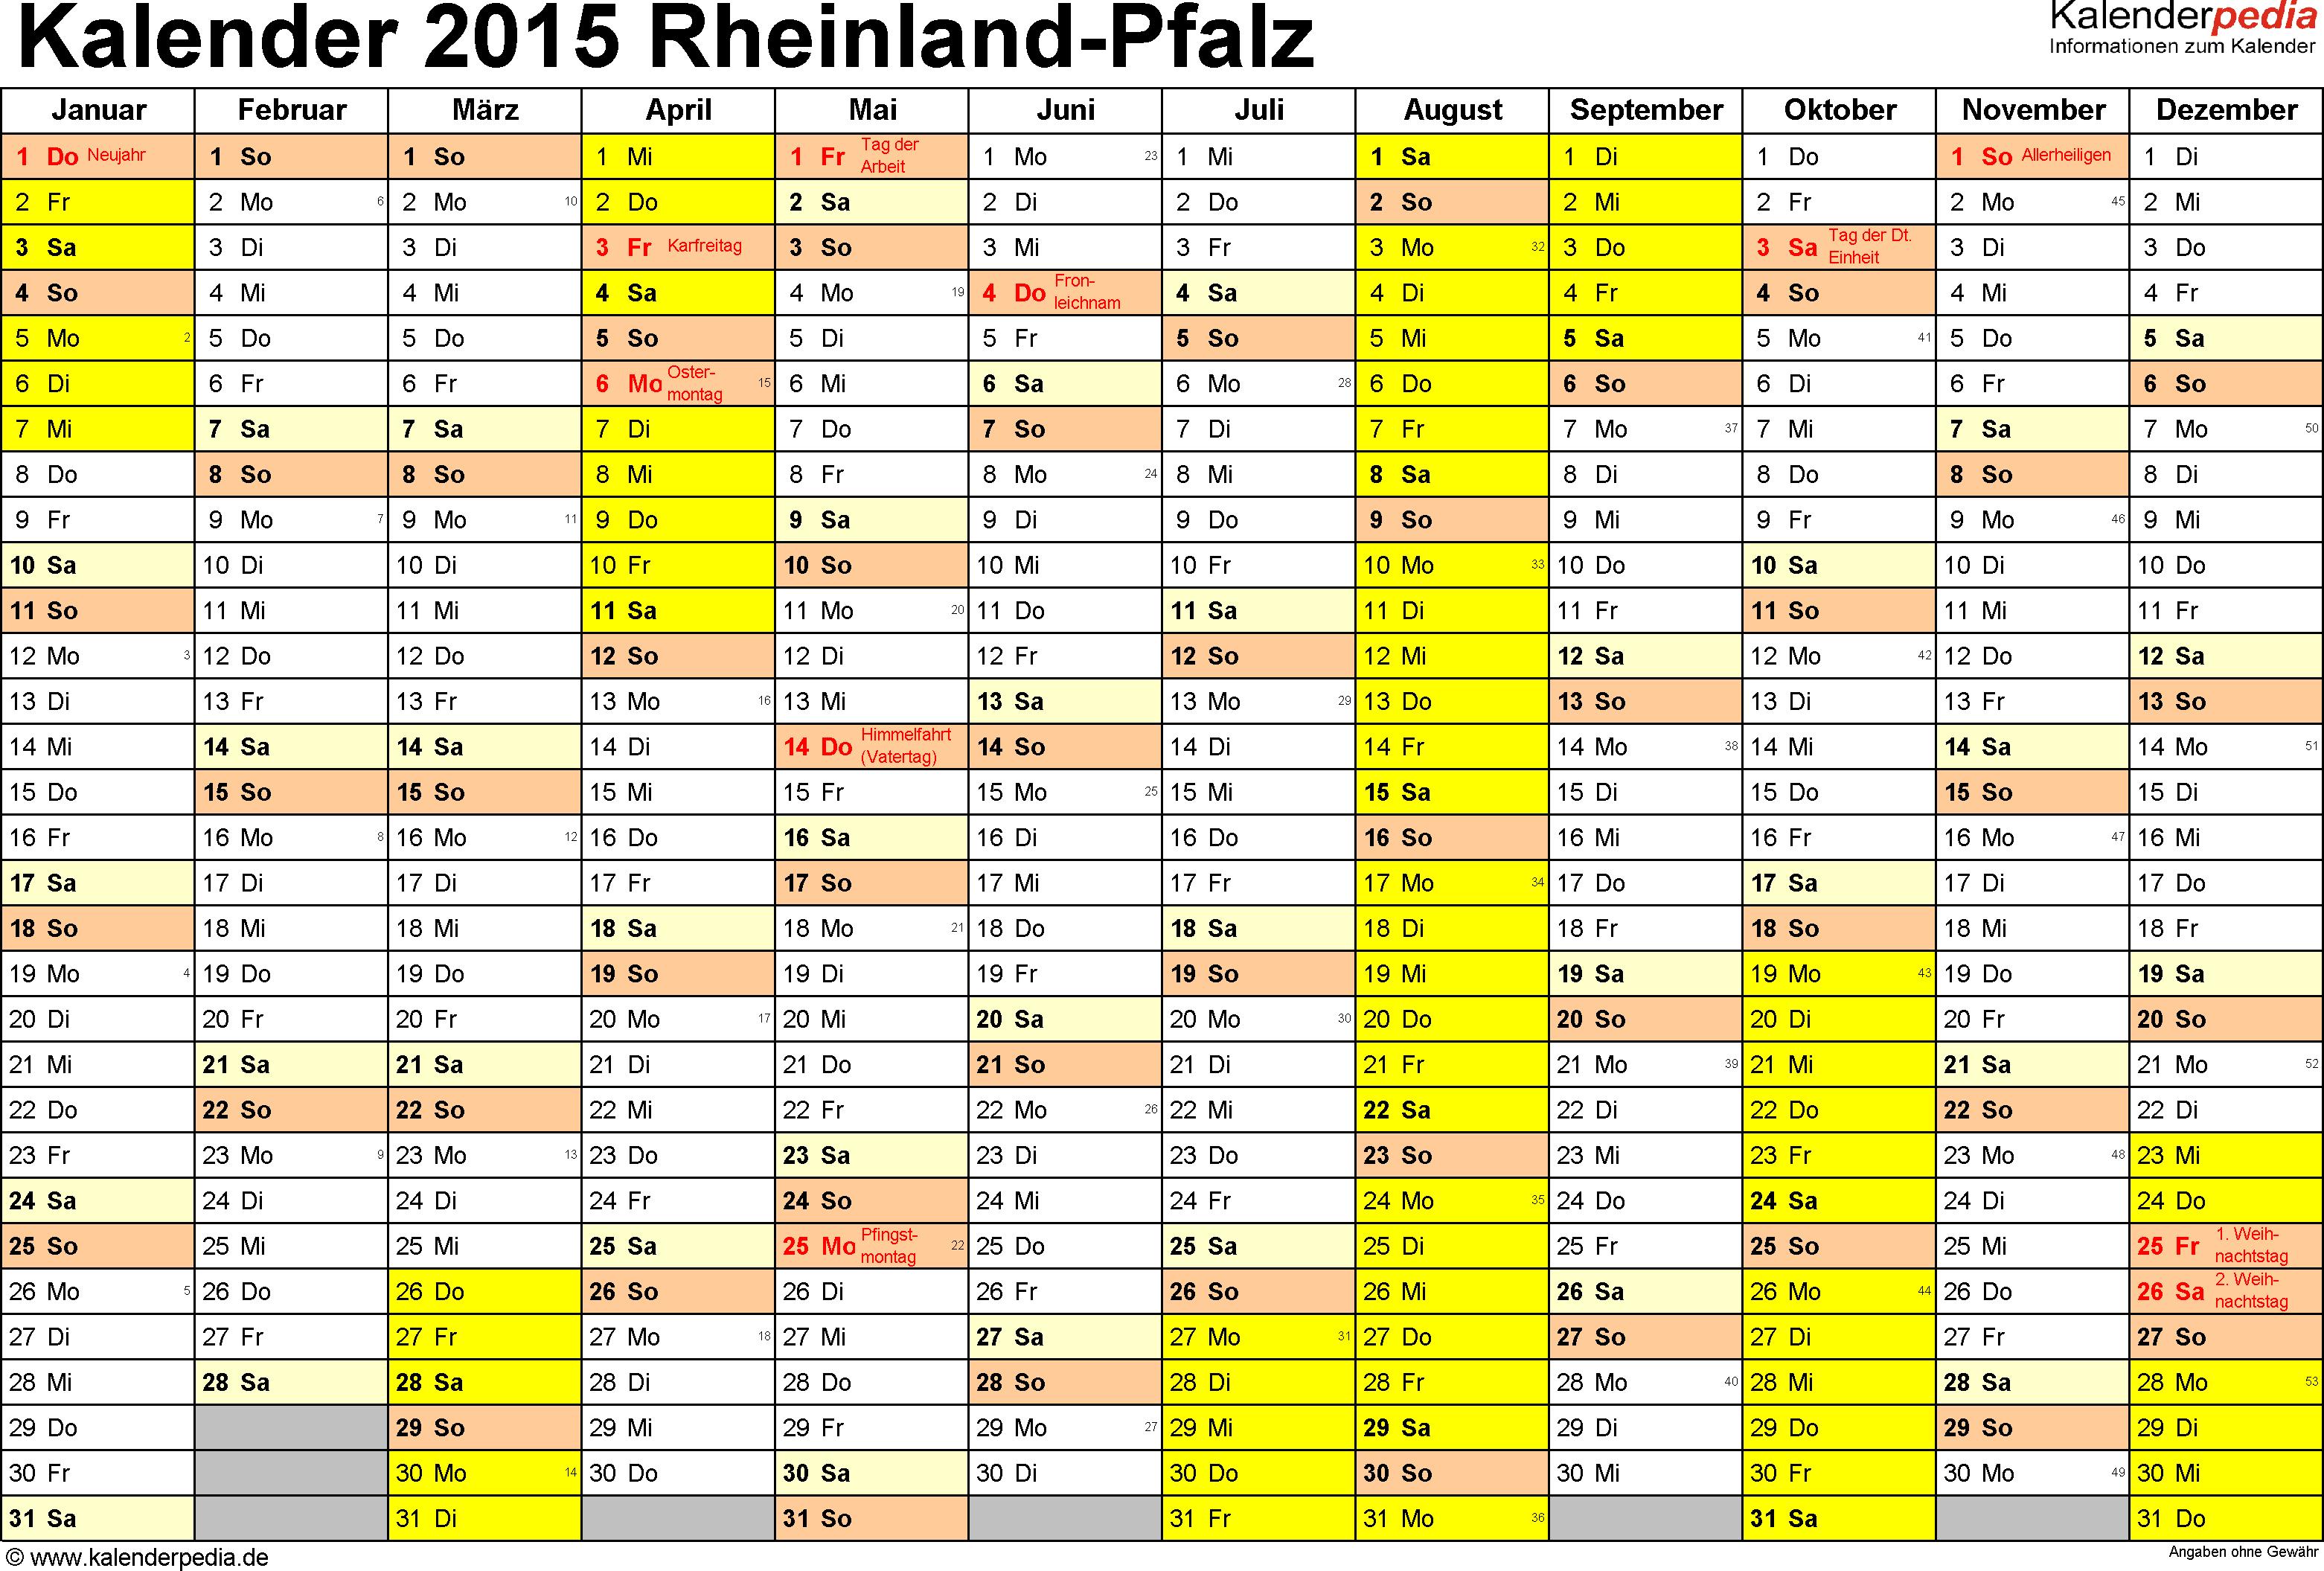 Vorlage 1: Kalender 2015 für Rheinland-Pfalz als Excel-Vorlage (Querformat, 1 Seite)